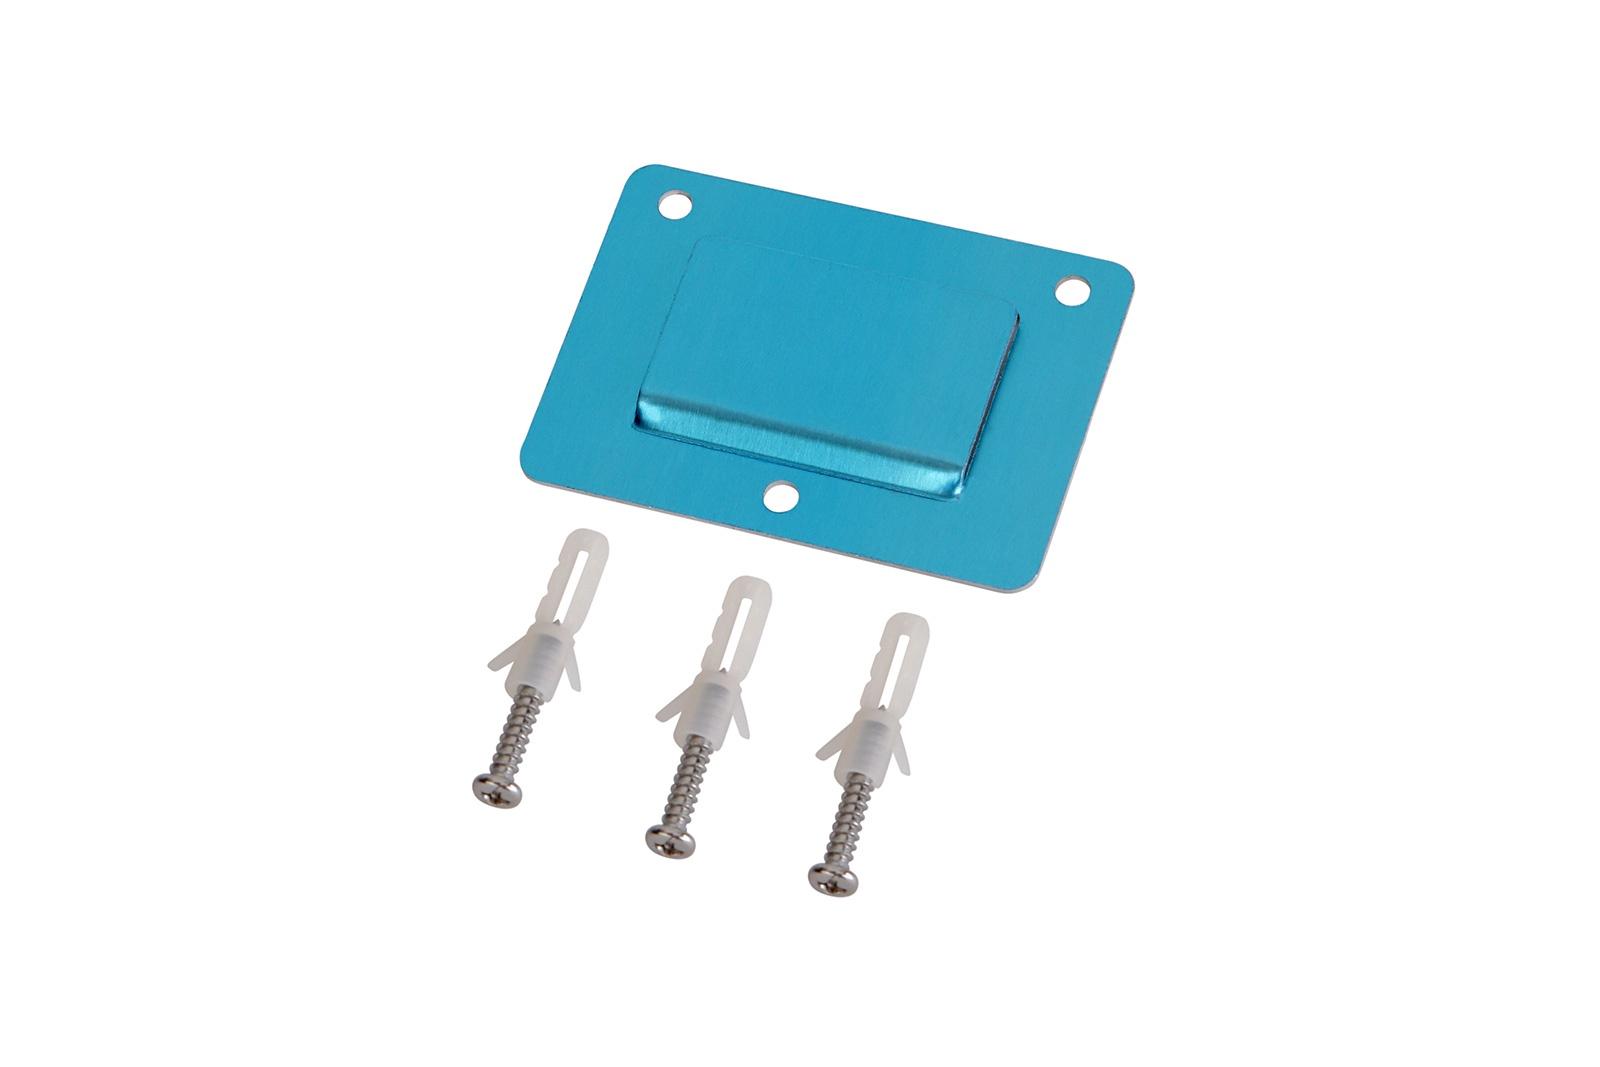 Усилитель (репитер) сотового сигнала 2100 МГц 3G MediaWave в комплекте (MWK-21-S, до 200 м2) MediaWave